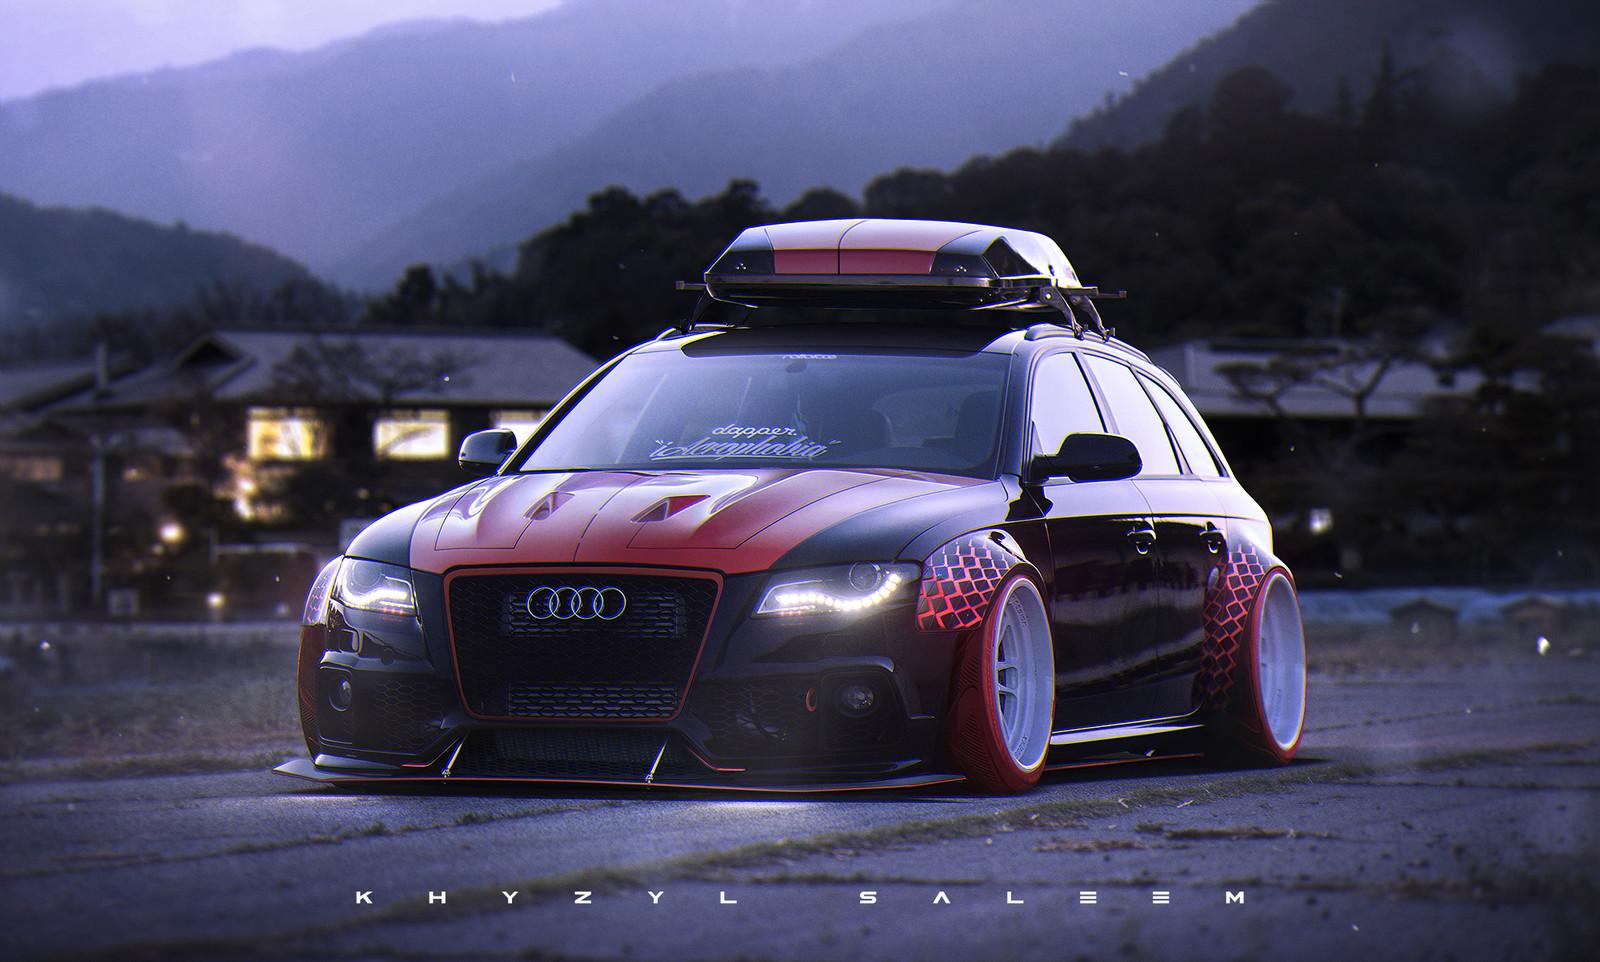 BMW/Audi Mashup